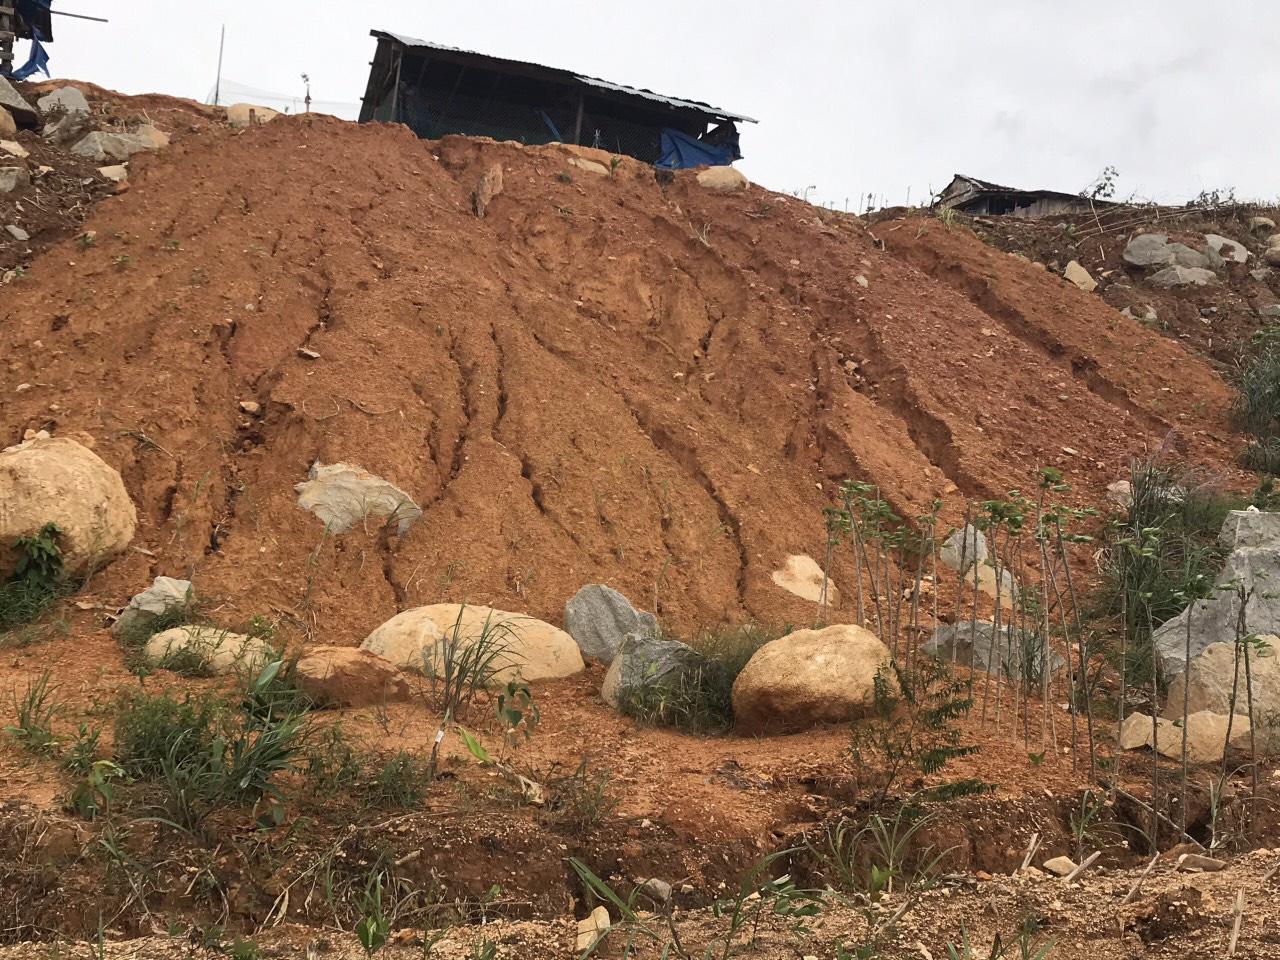 Quảng Ngãi: Lũ quét kinh hoàng cuốn trôi 6 nhà dân, khiến một ngôi làng có nguy cơ bị xóa sổ - Ảnh 10.